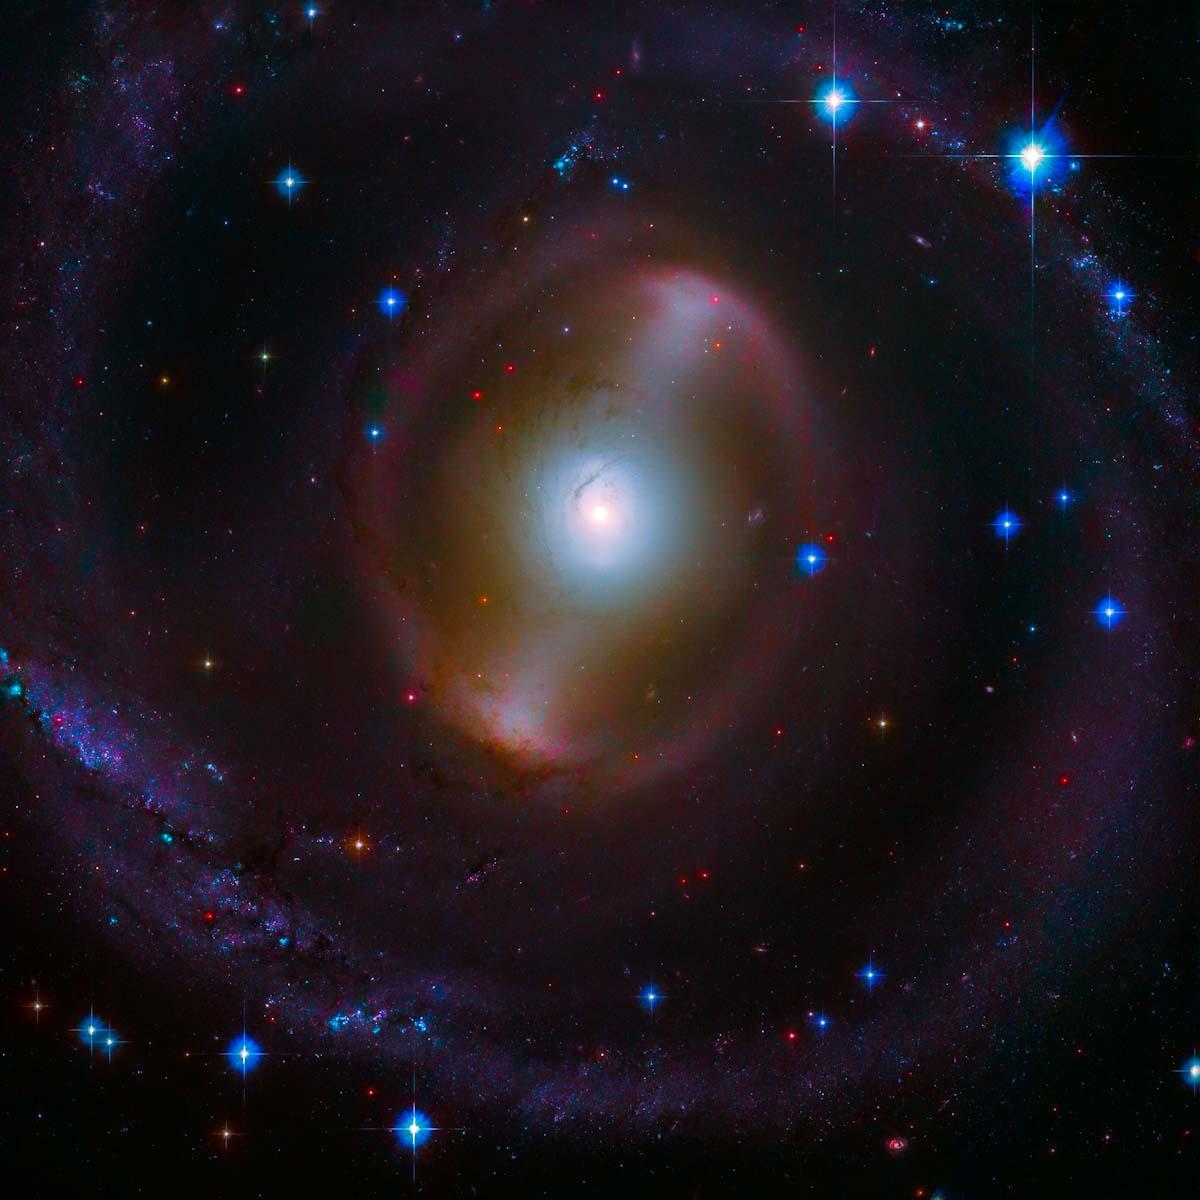 Hubble explora barra de luz brilhante no centro de galáxia espiral barrada